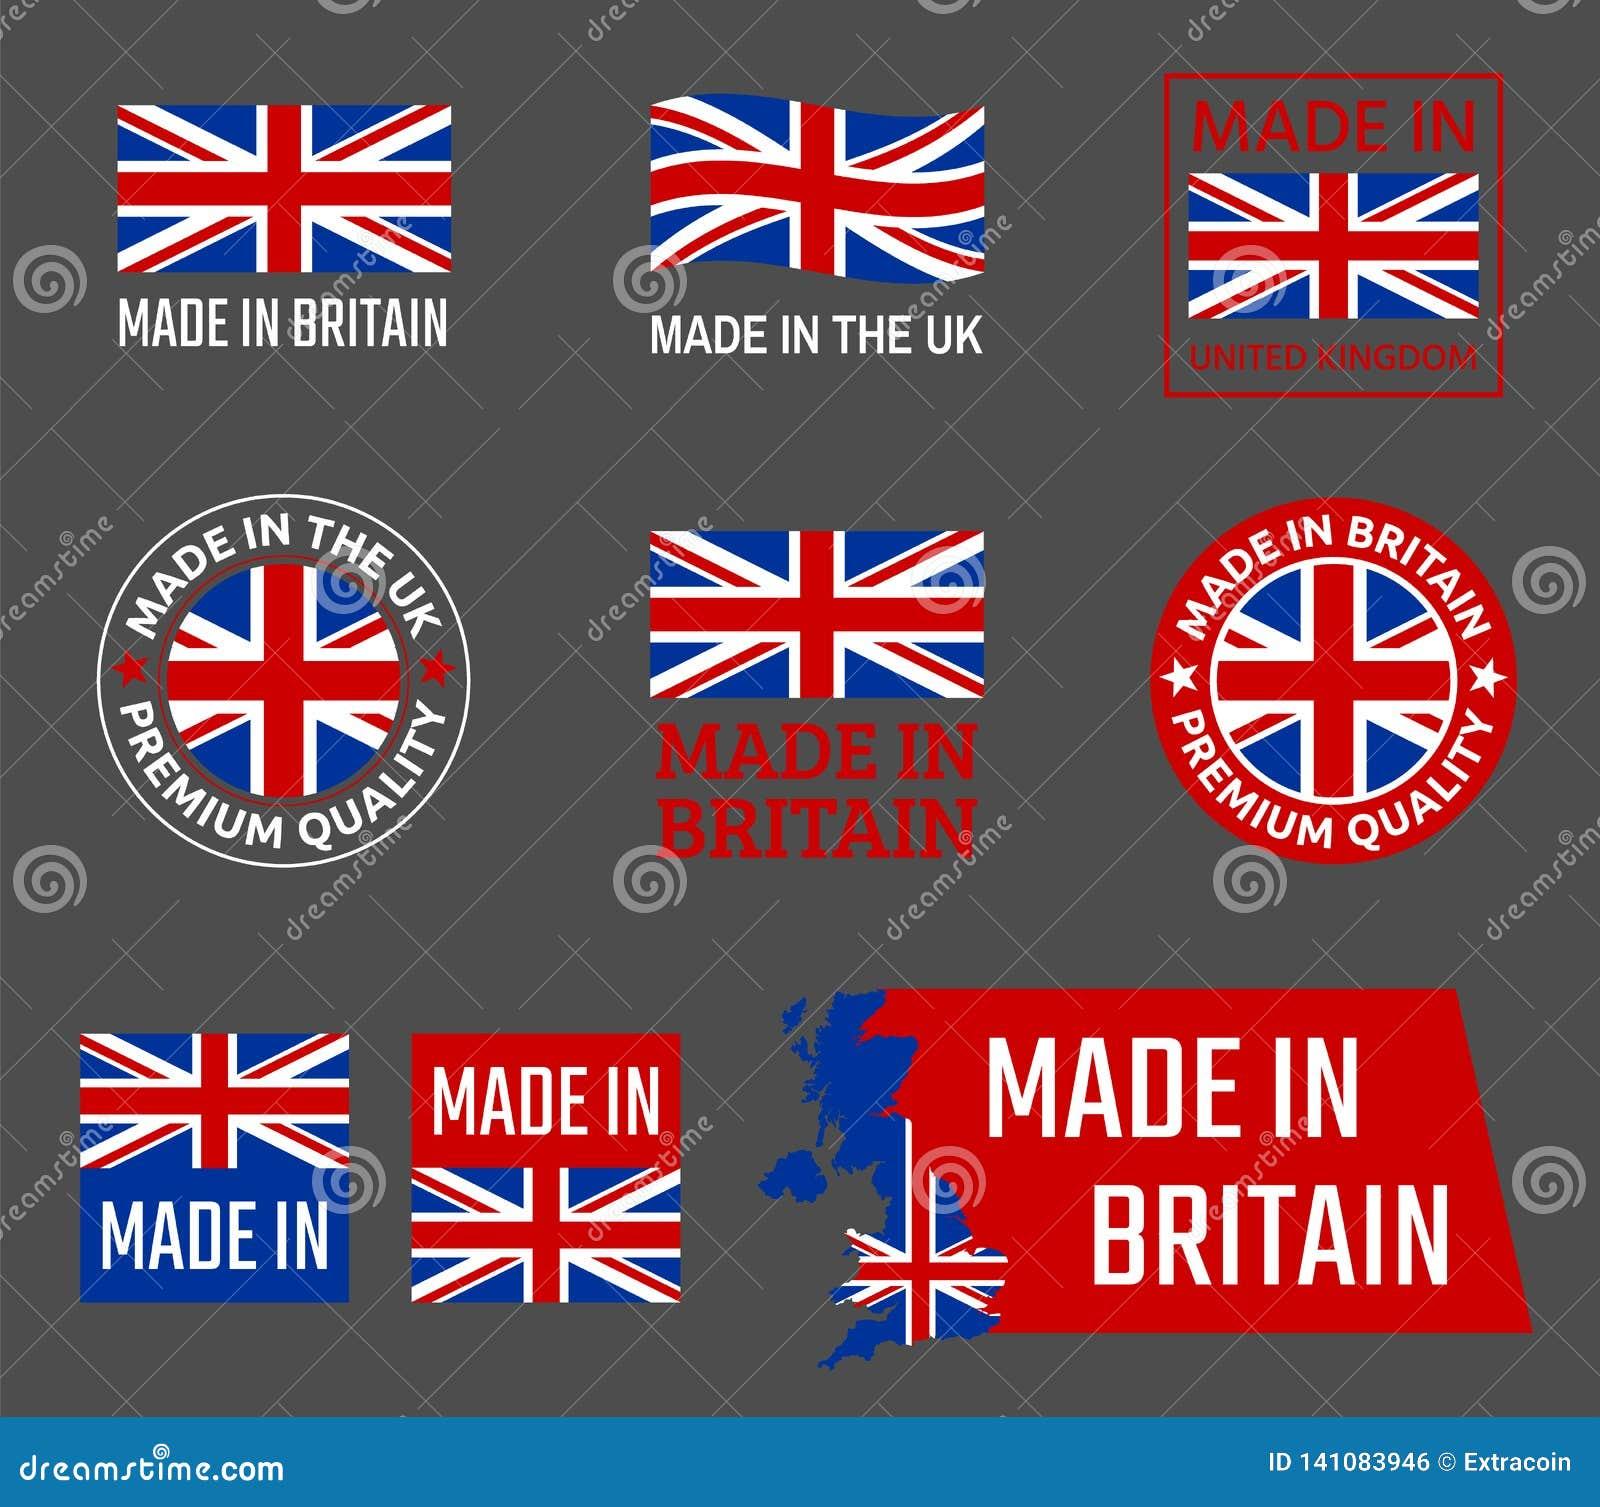 Κατασκευάζω έμβλημα προϊόντων της Μεγάλης Βρετανίας, Ηνωμένο Βασίλειο